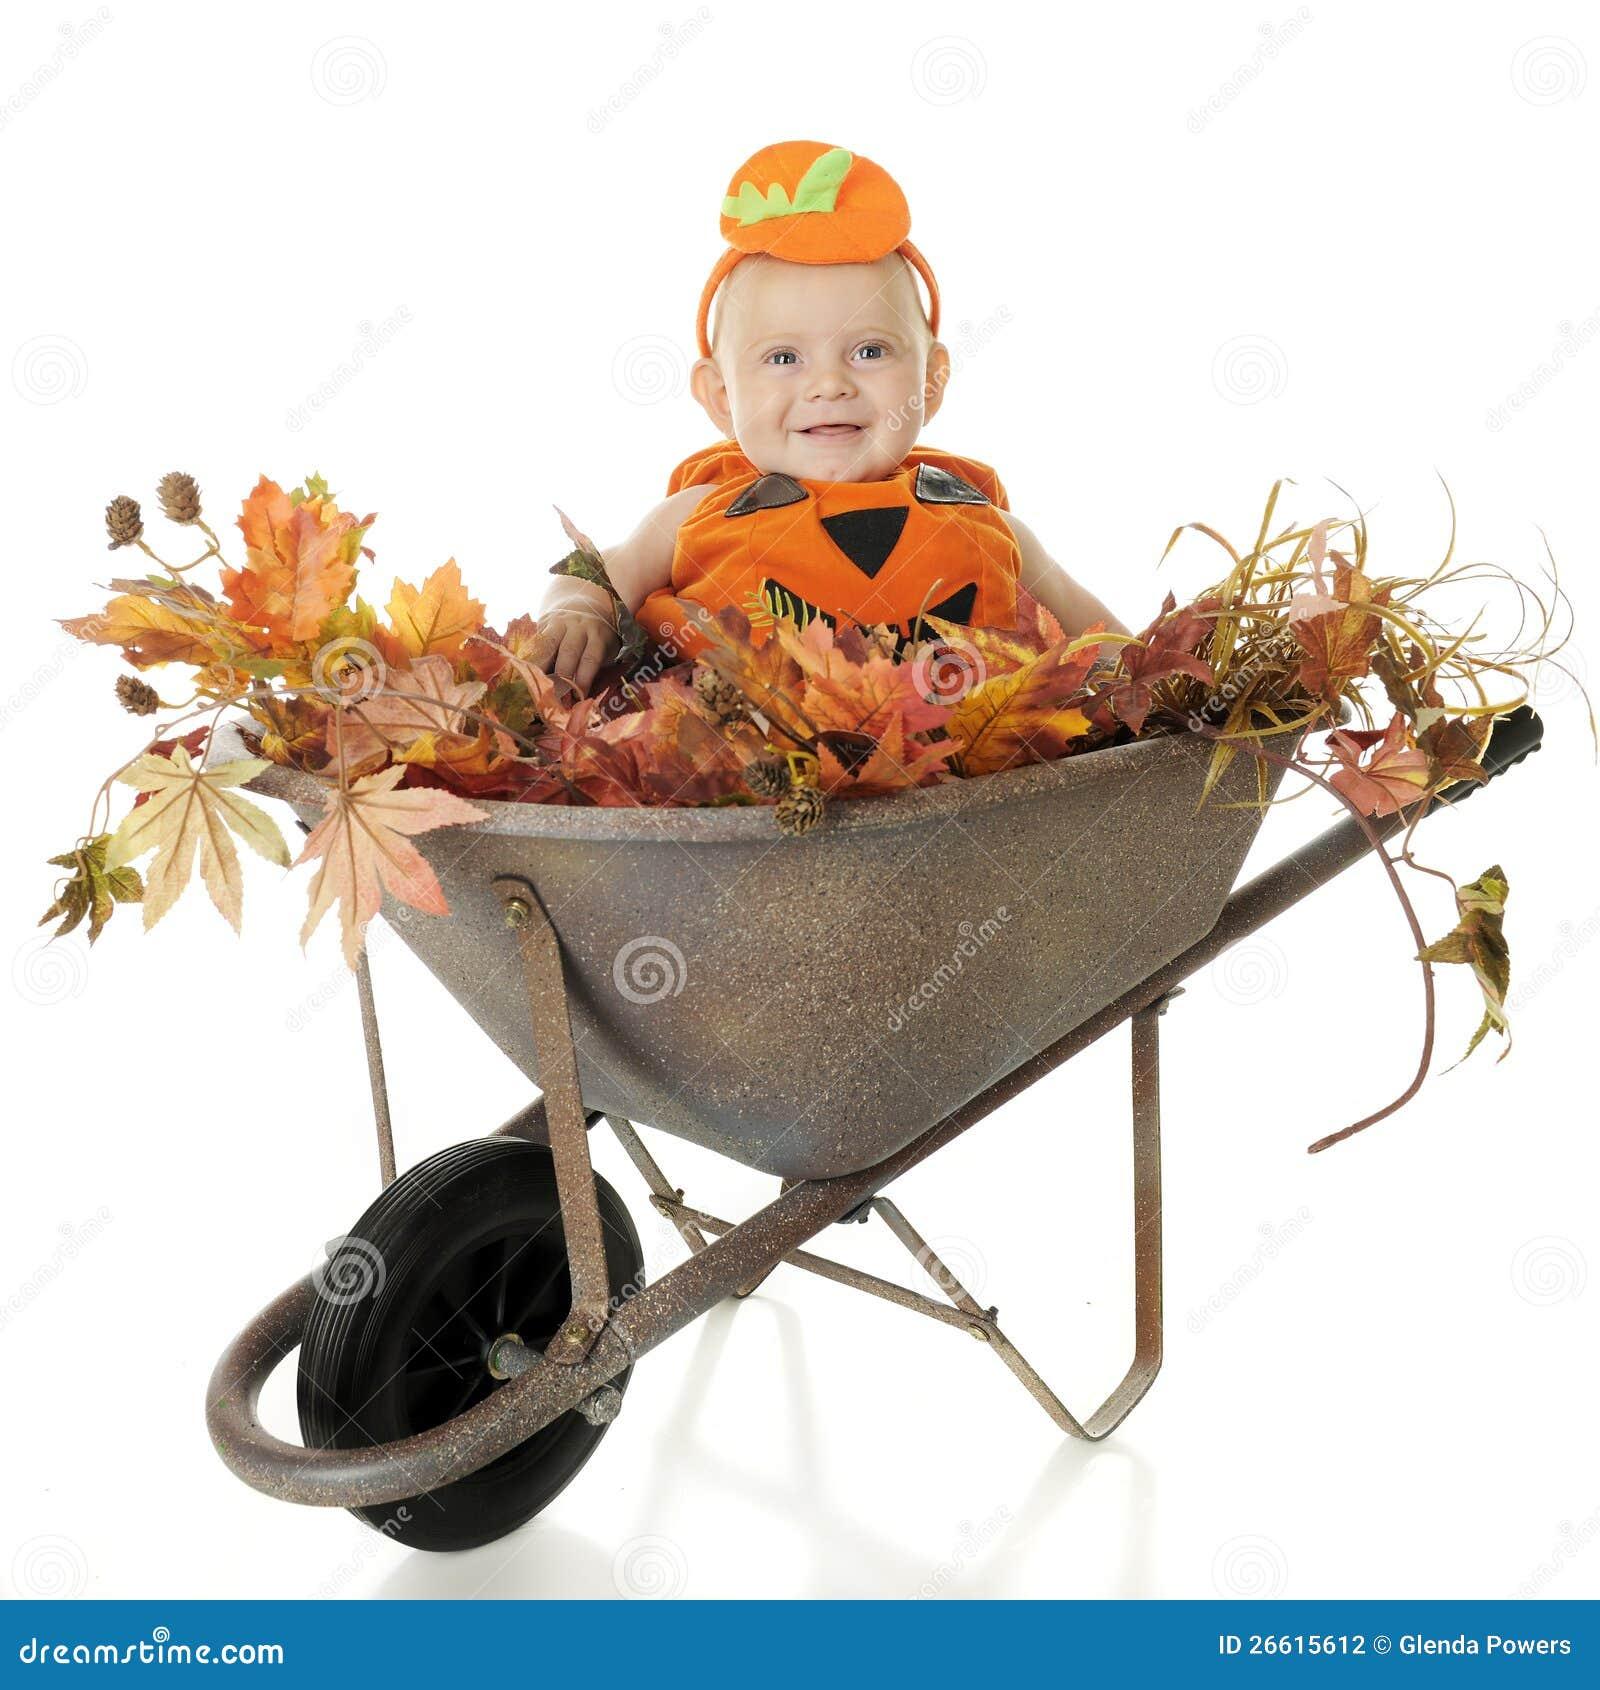 Wheelbarrow Full of Baby